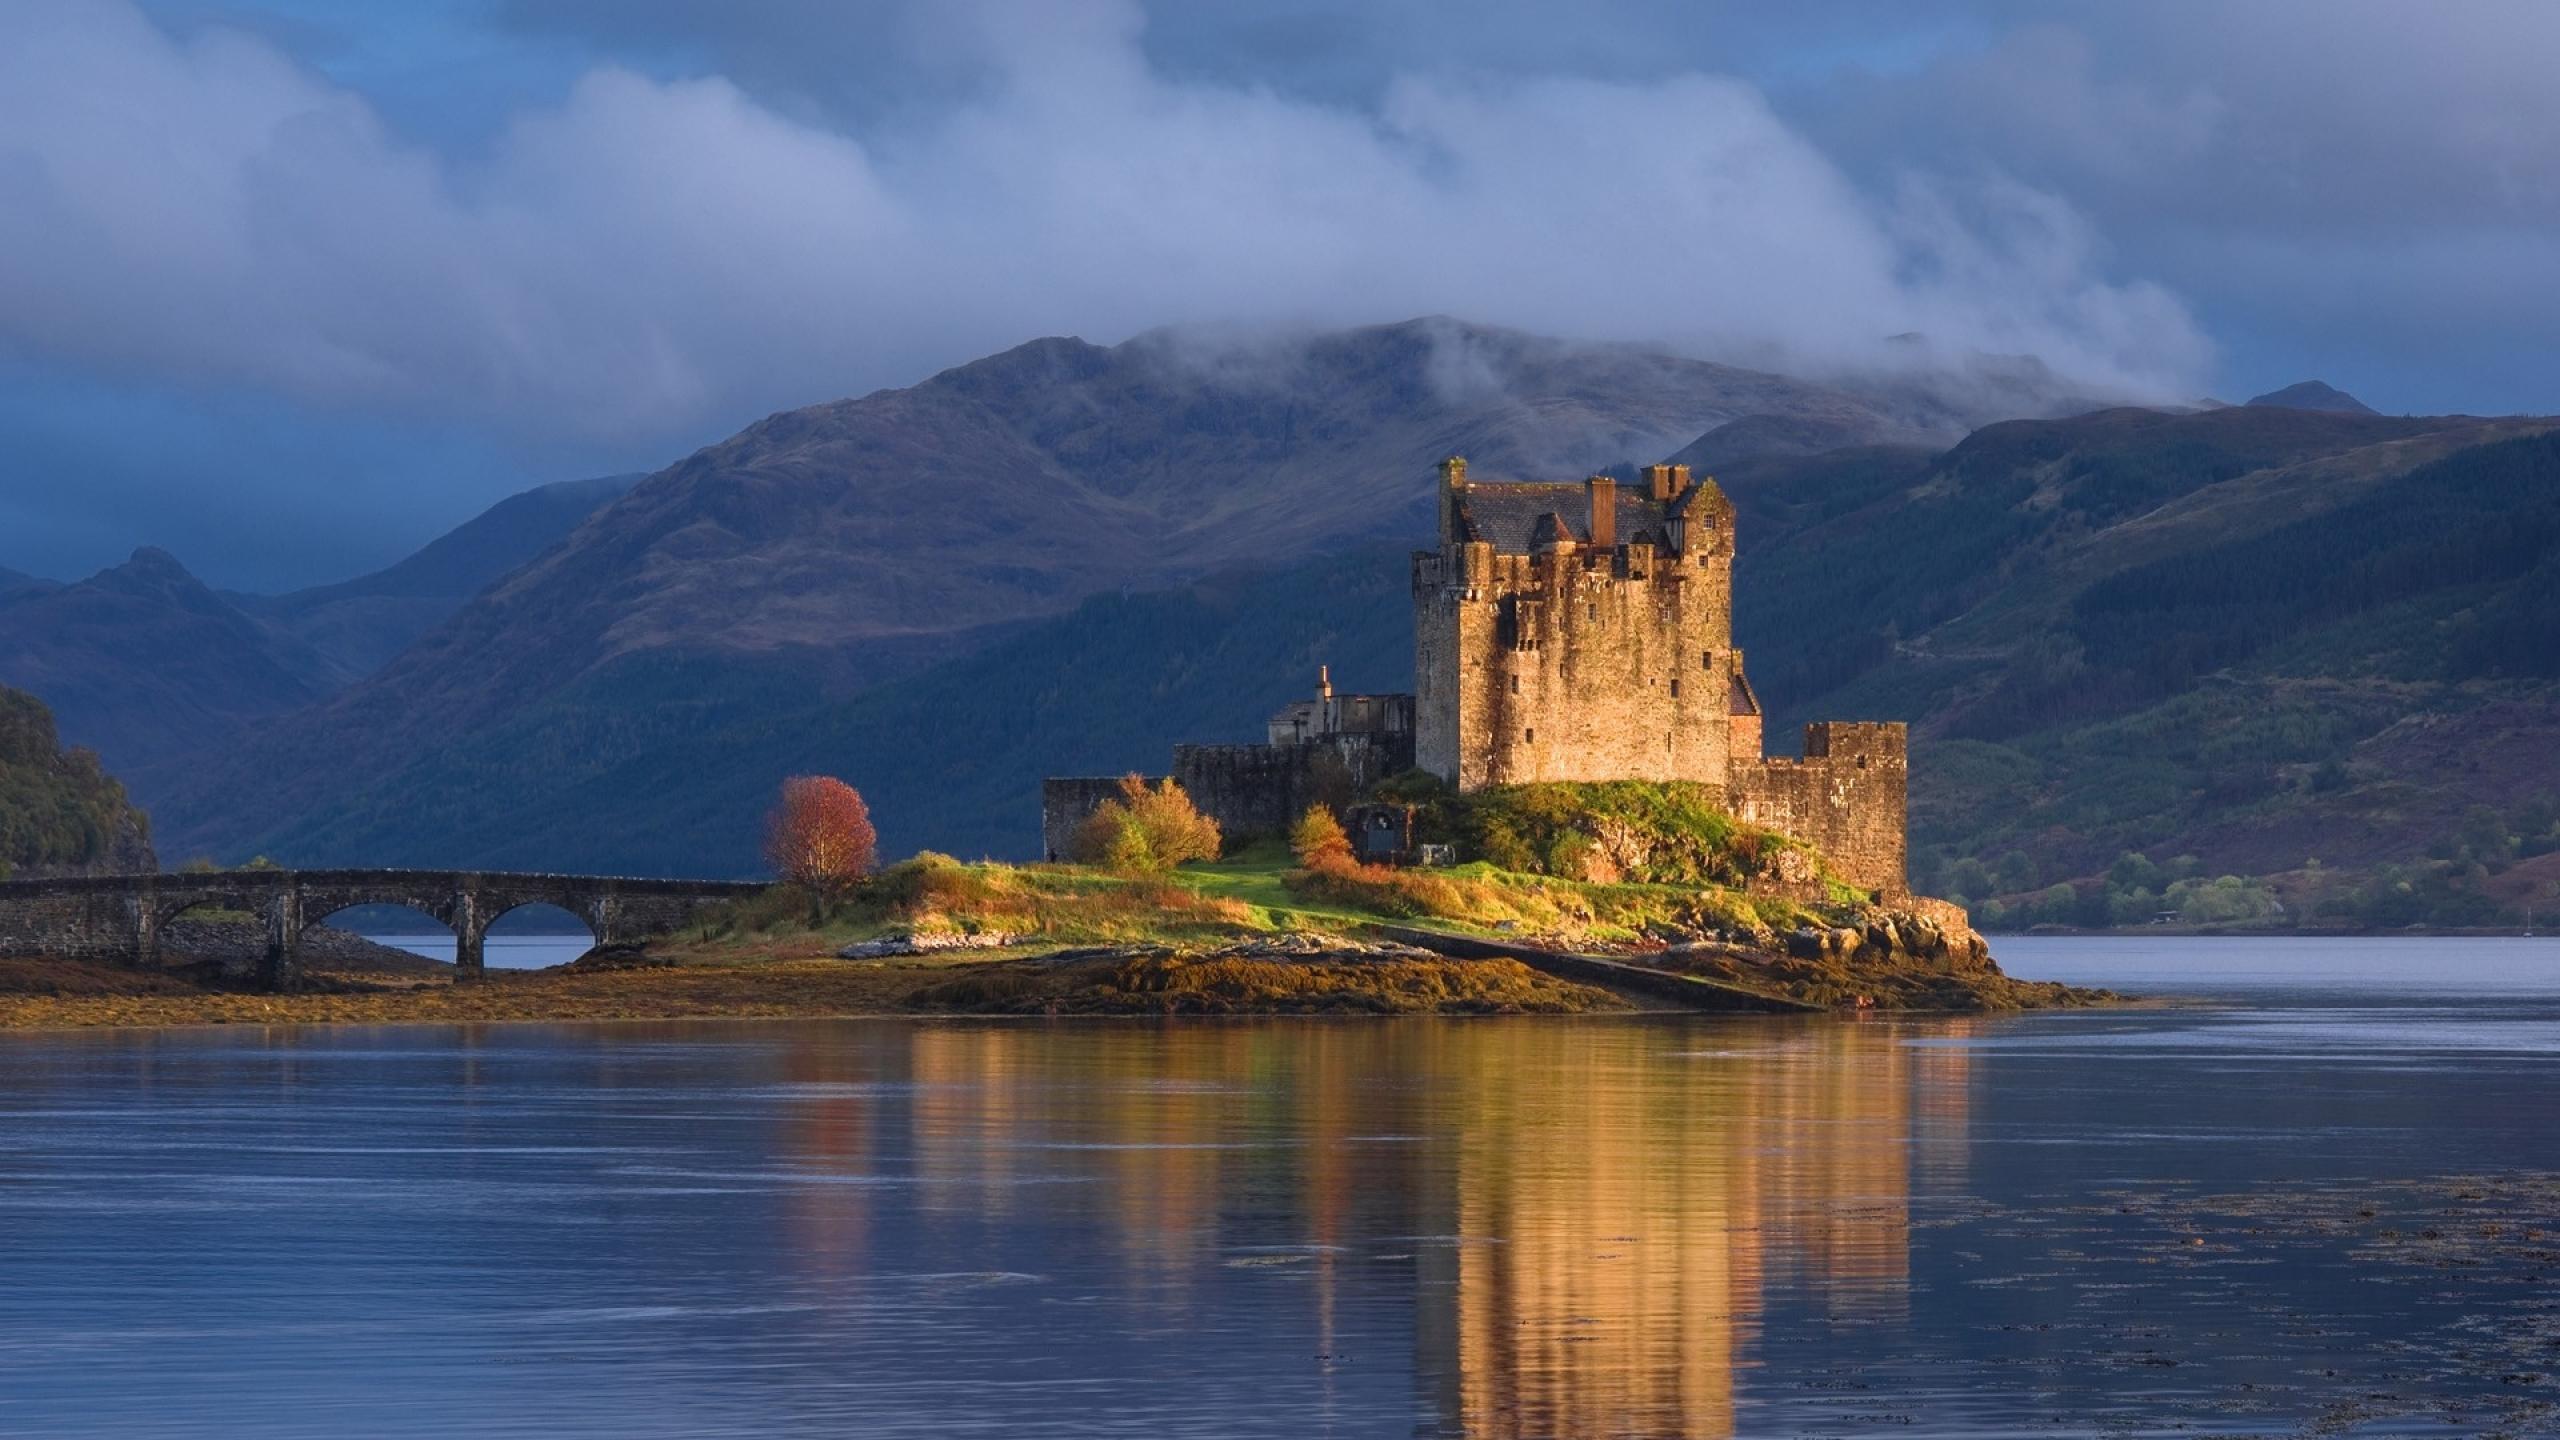 Risultati immagini per castle scotland